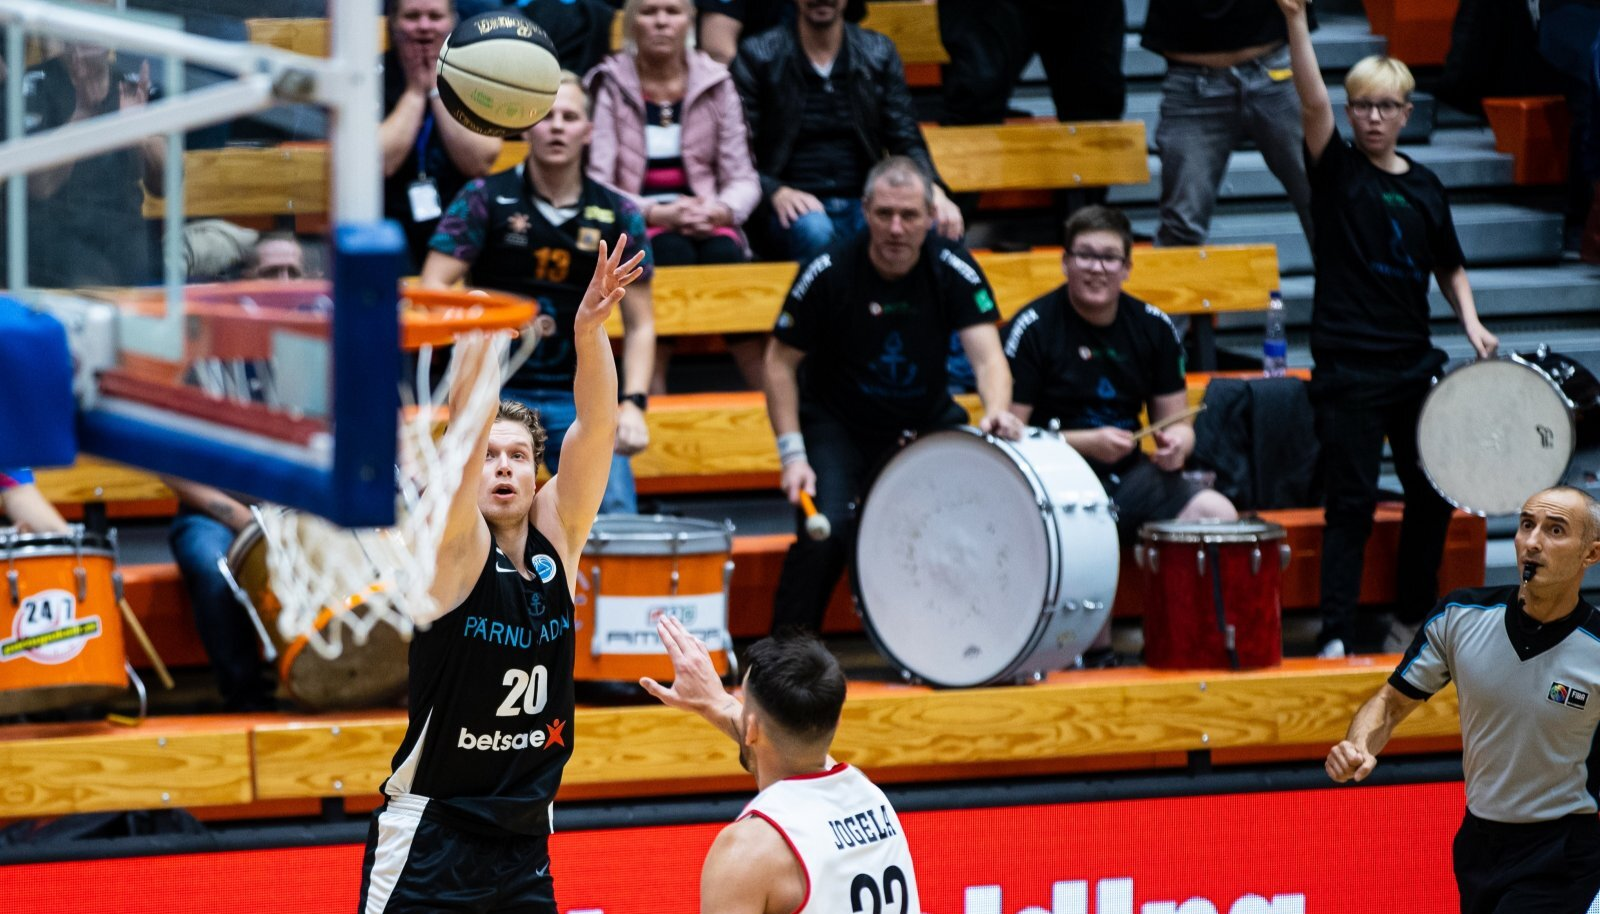 Pärnu, 28.09.2021. Korvpalli FIBA Europe Cupi valikturniiri veerandfinaalis kohtusid oma vahel Pärnu Sadam ja Viini GGMT.